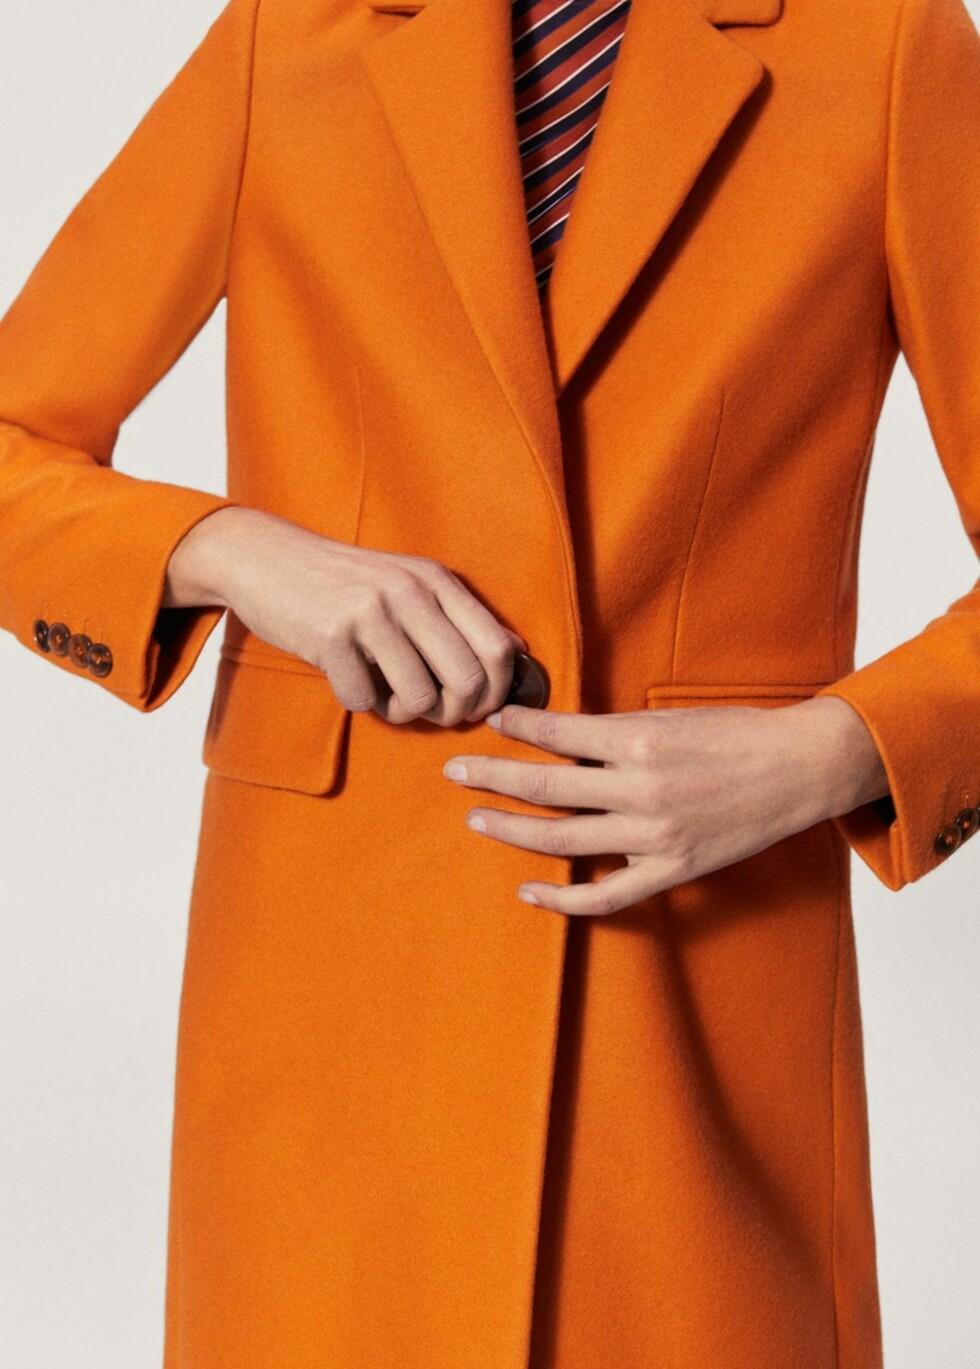 Oransje kåpe fra Mango  1399,-  https://shop.mango.com/no/damer/ytterjakker-ytterjakker/kape---_21030636.html?c=20&n=1&s=prendas.familia;2&ts=1512567025323